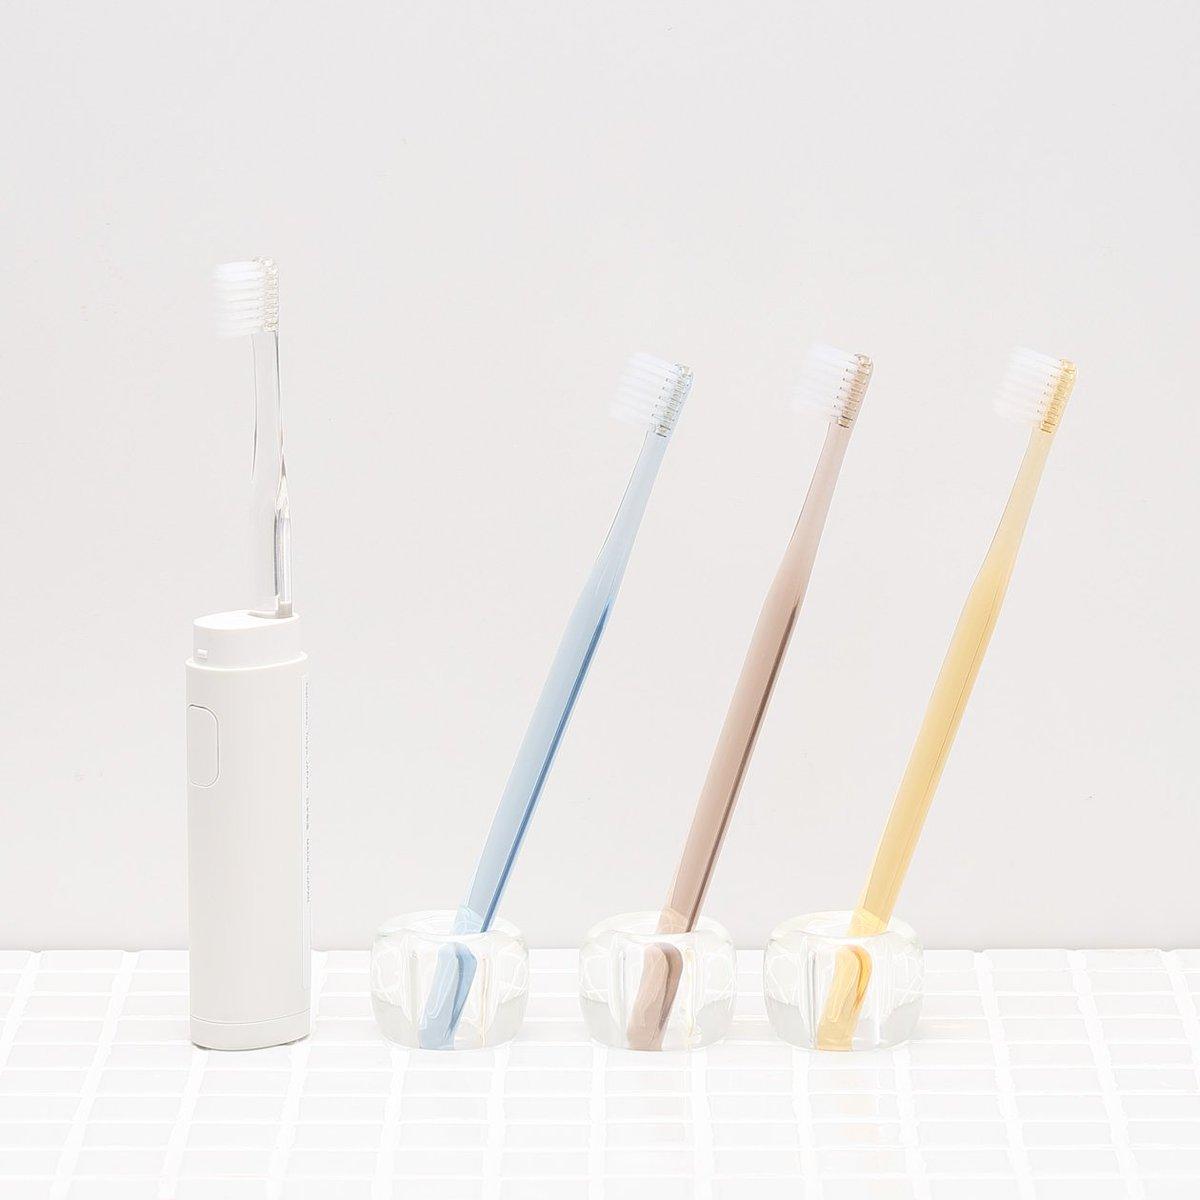 無印良品の歯ブラシを挿せる、音波振動歯ブラシです。キャップをつけると